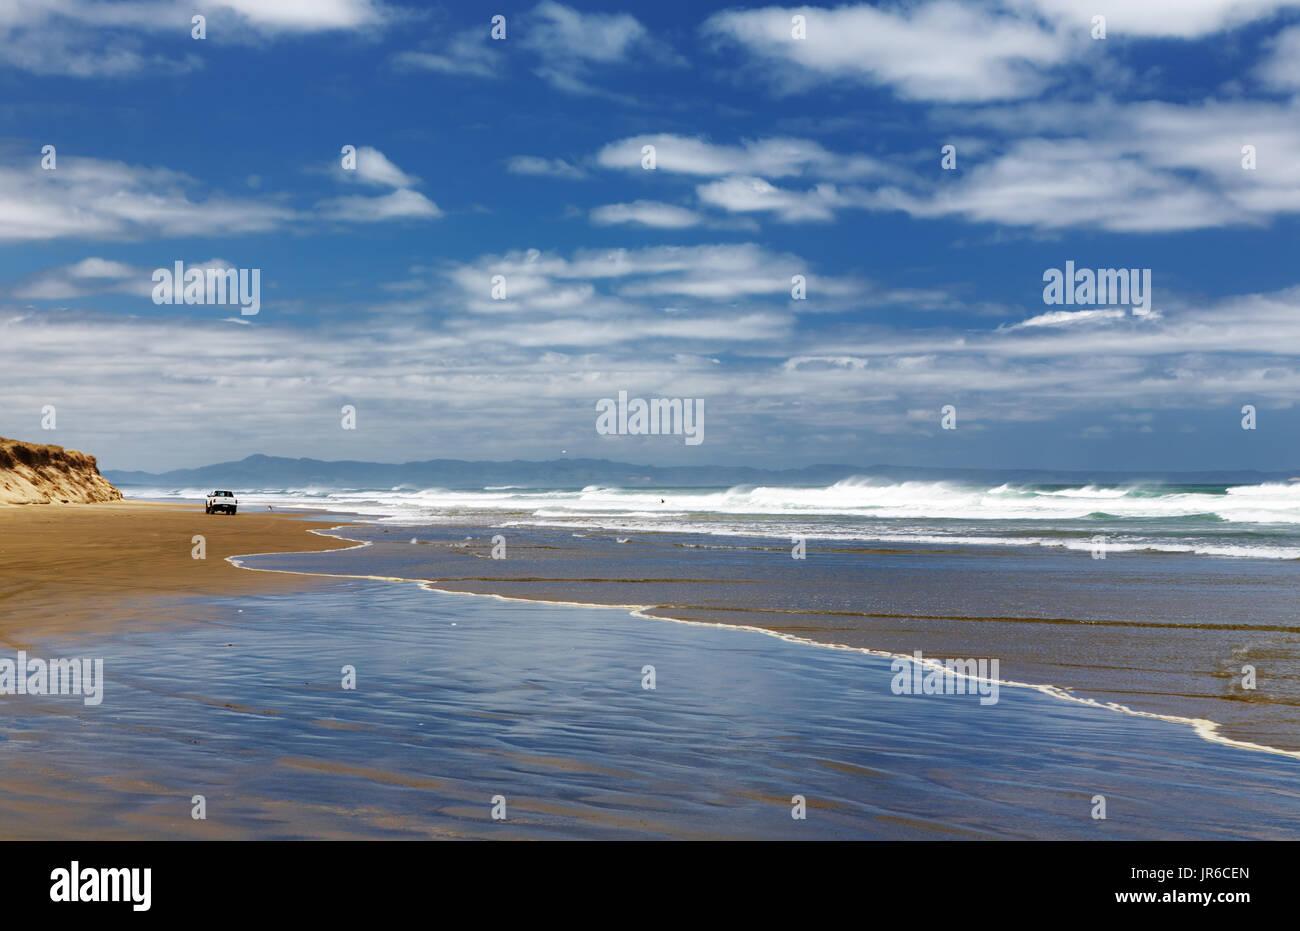 Voiture sur la plage, 90 Mile Beach, en Nouvelle-Zélande Photo Stock